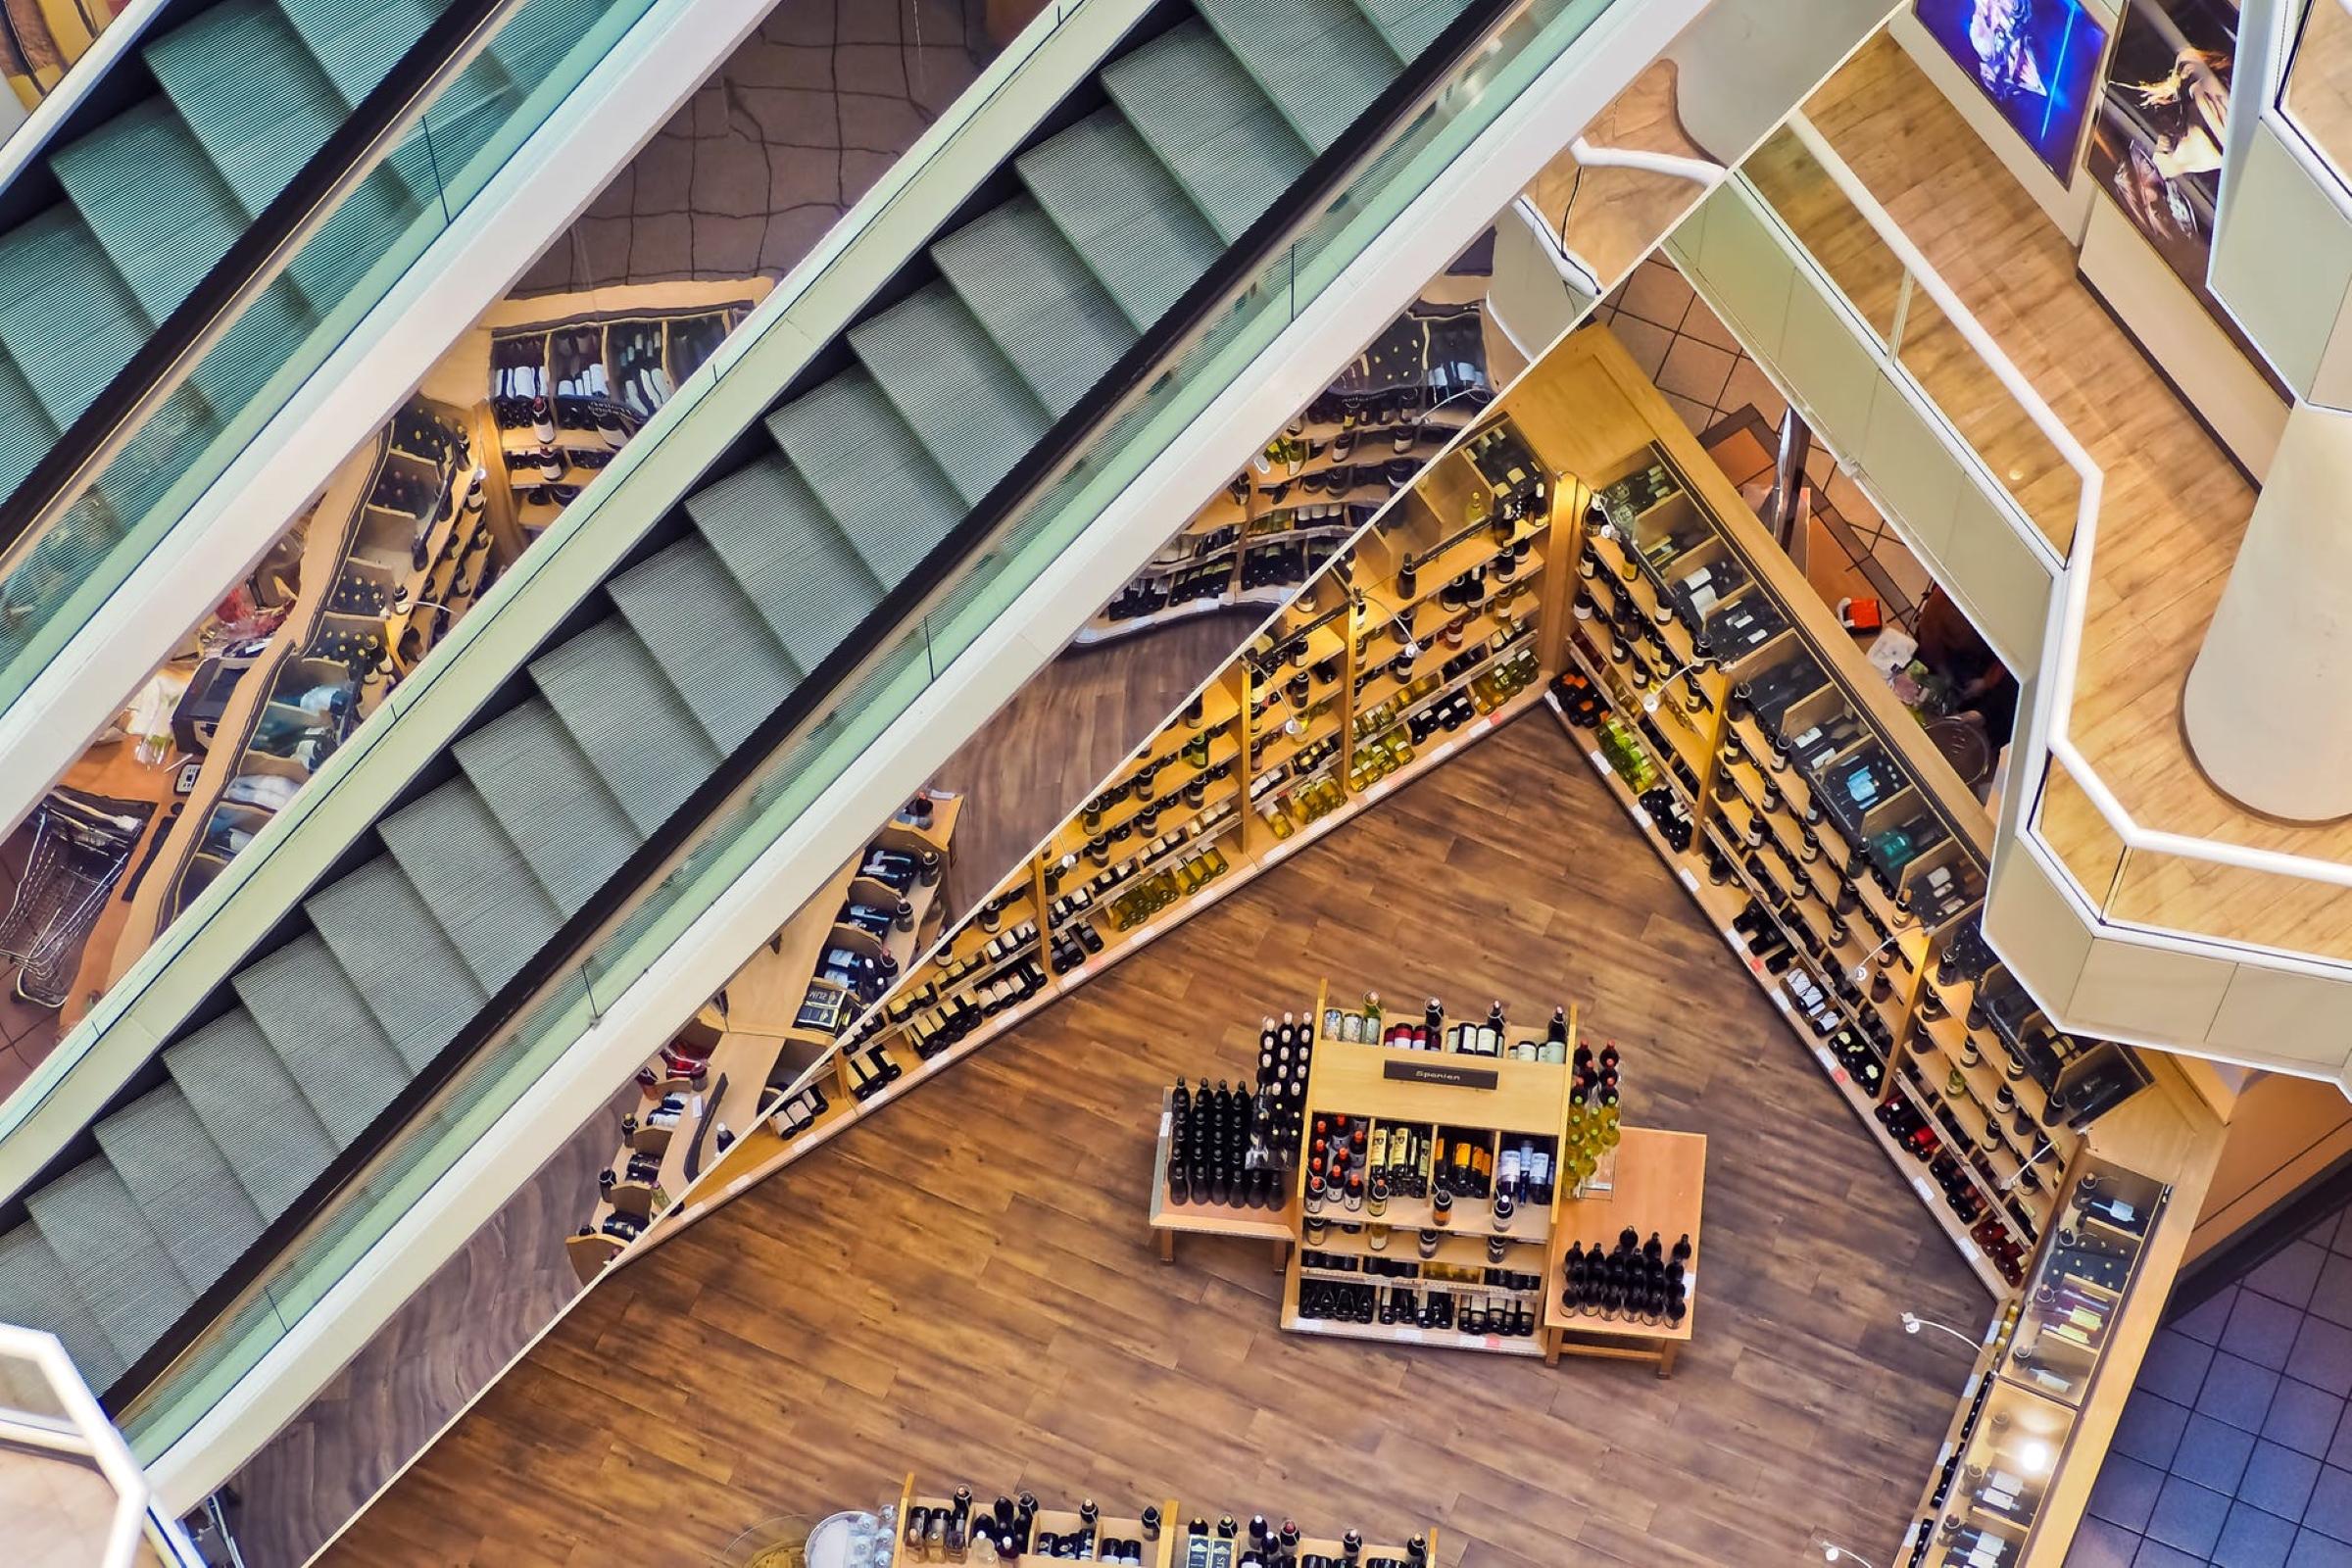 http://www.phares.co.uk/wp-content/uploads/2020/01/pexels-photo-264507.jpeg